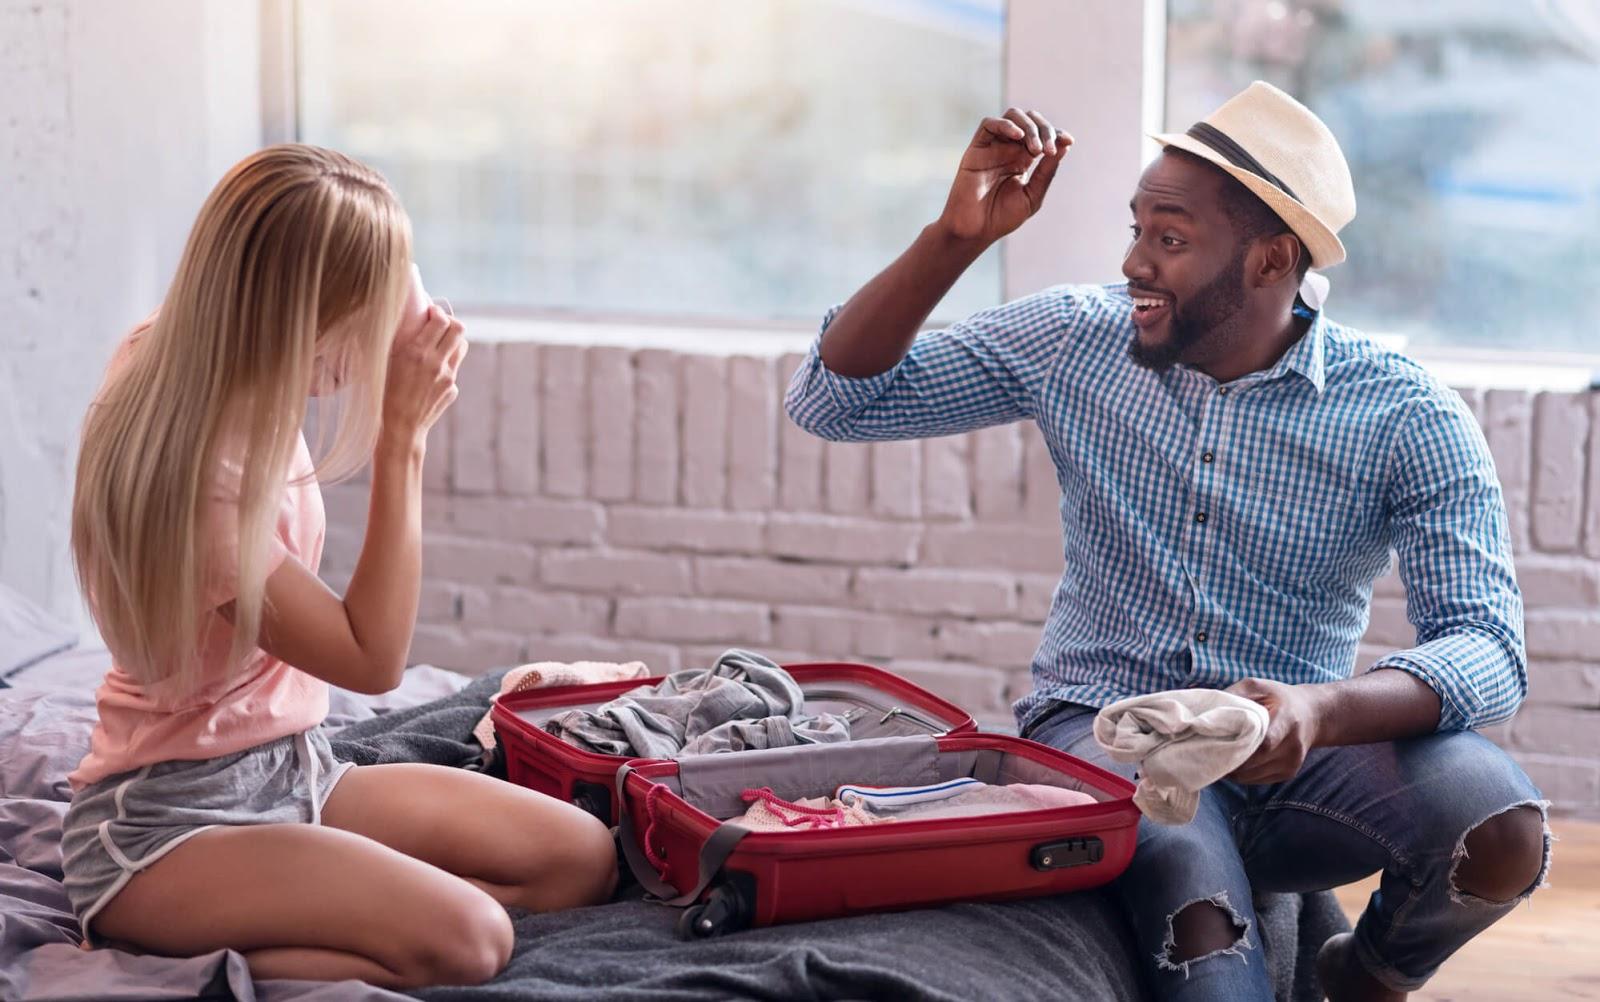 Dez objetos indispensáveis para qualquer viagem